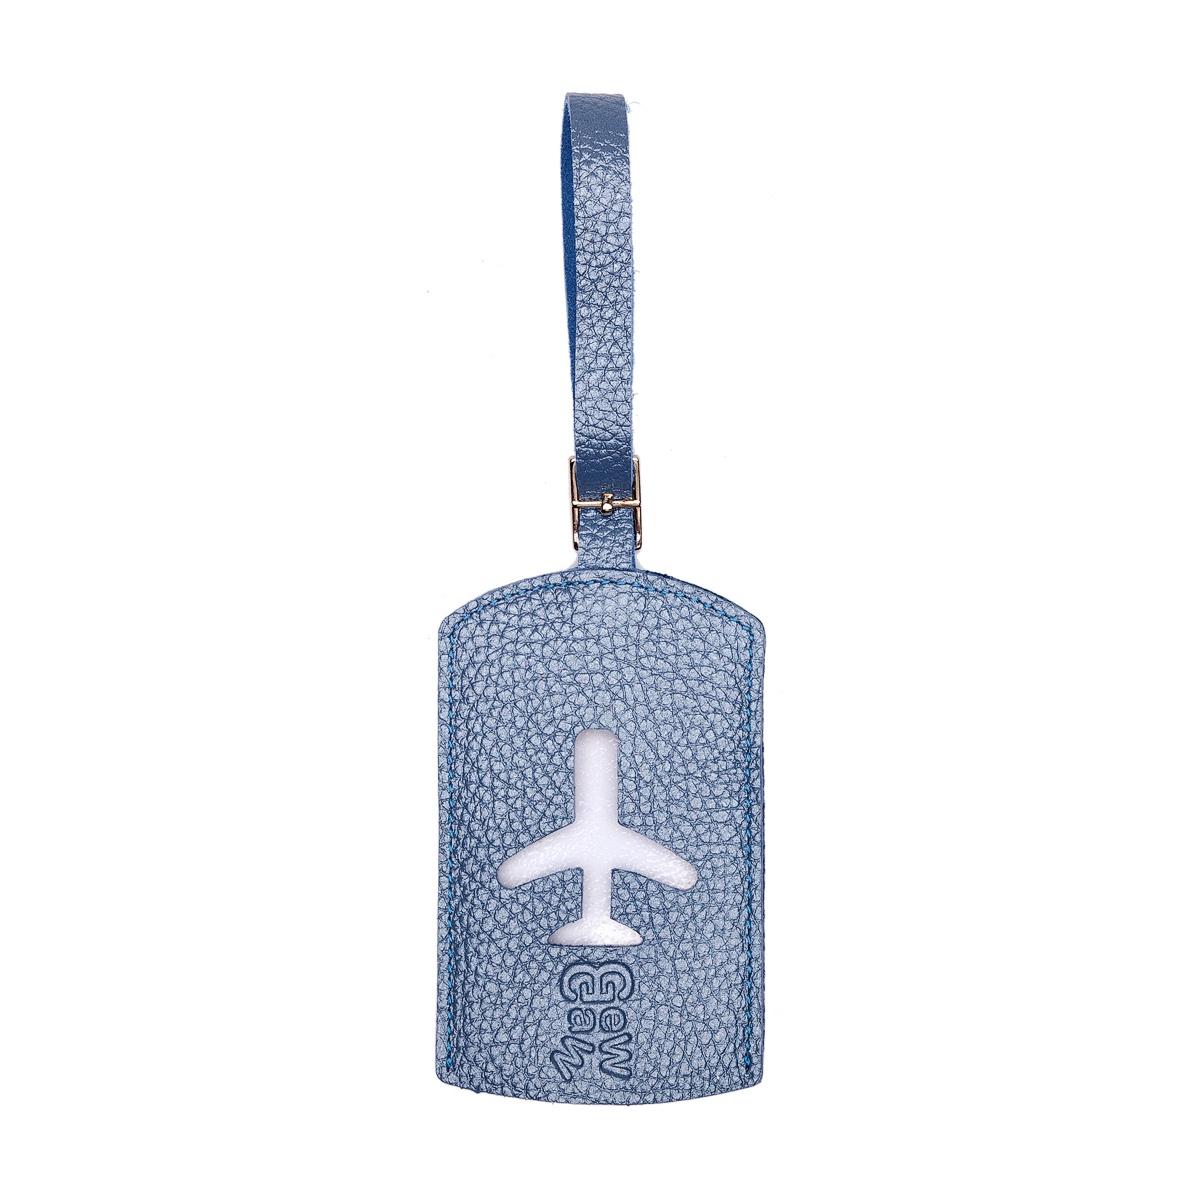 Обзор багажных бирок для чемоданов